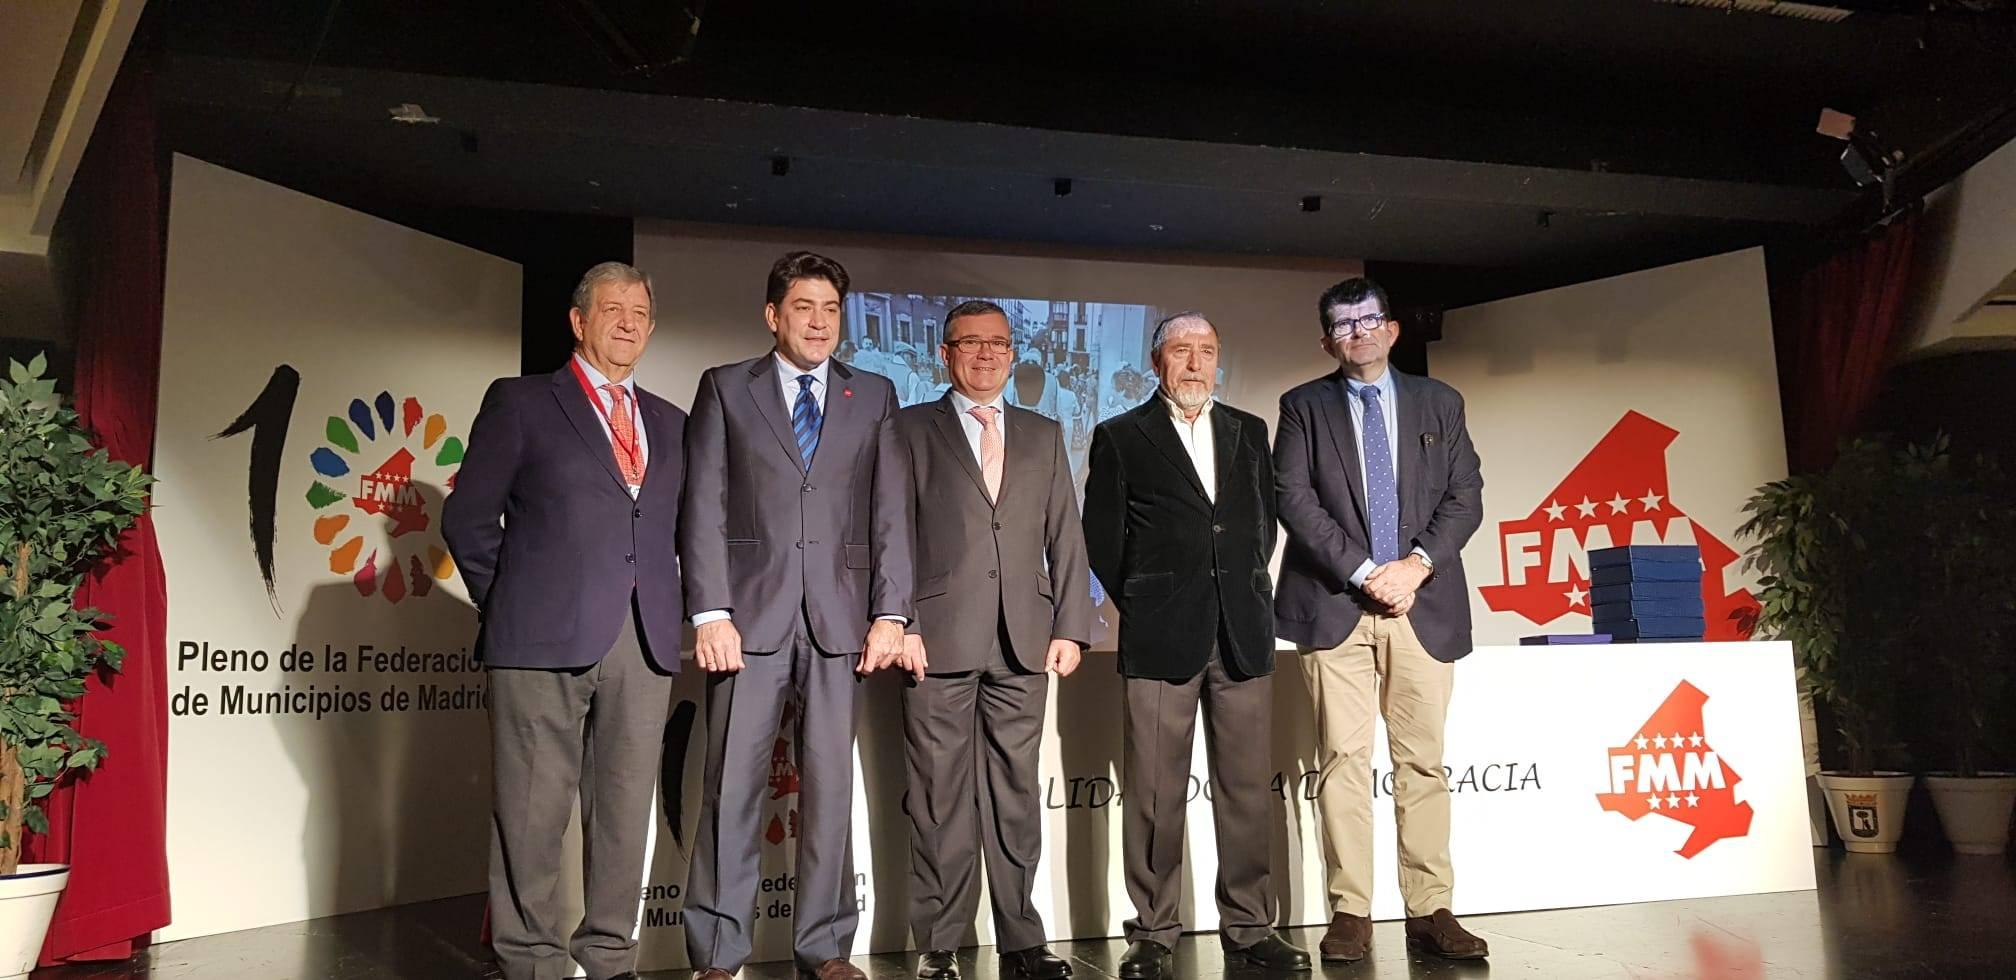 Alcaldes presidentes de la FMM desde su fundación.